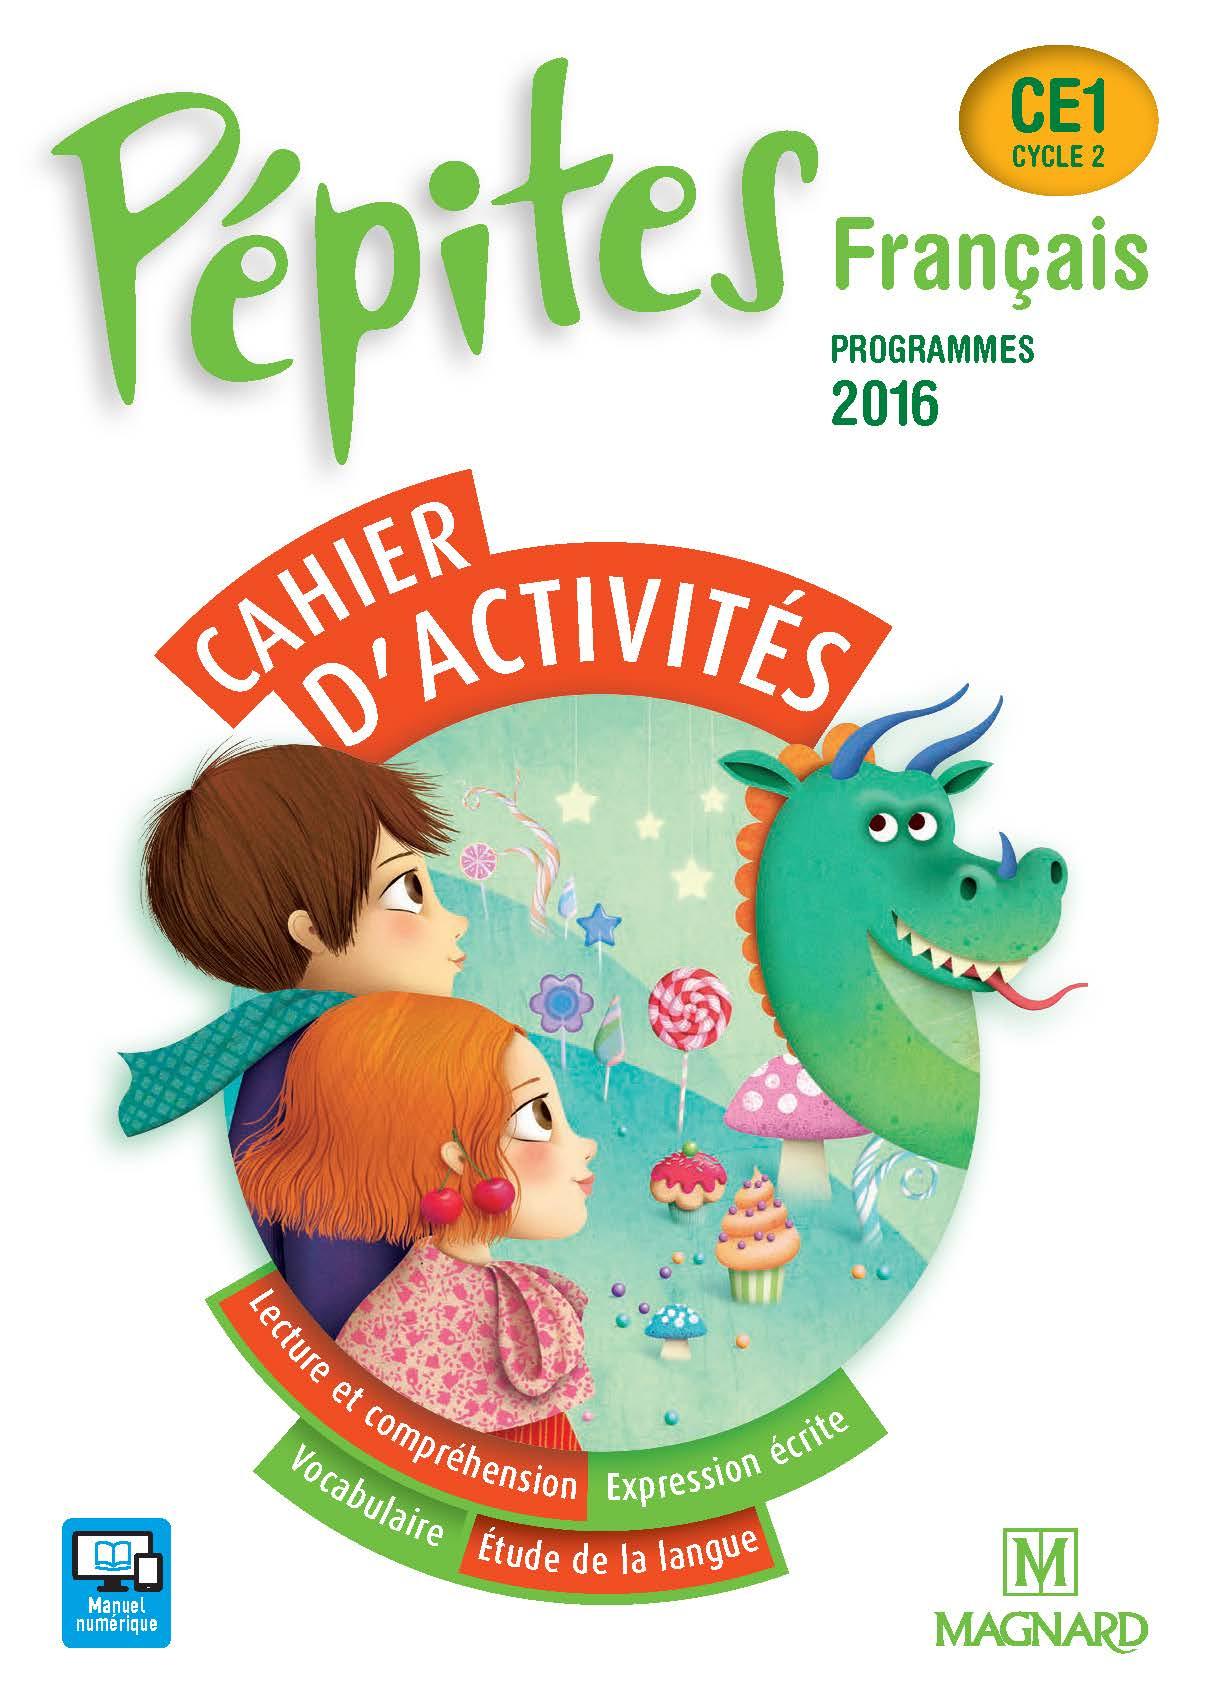 Pépites Ce1 (2017) - Cahier D'activités | Magnard Enseignants destiné Activité Manuelle Pour Cp